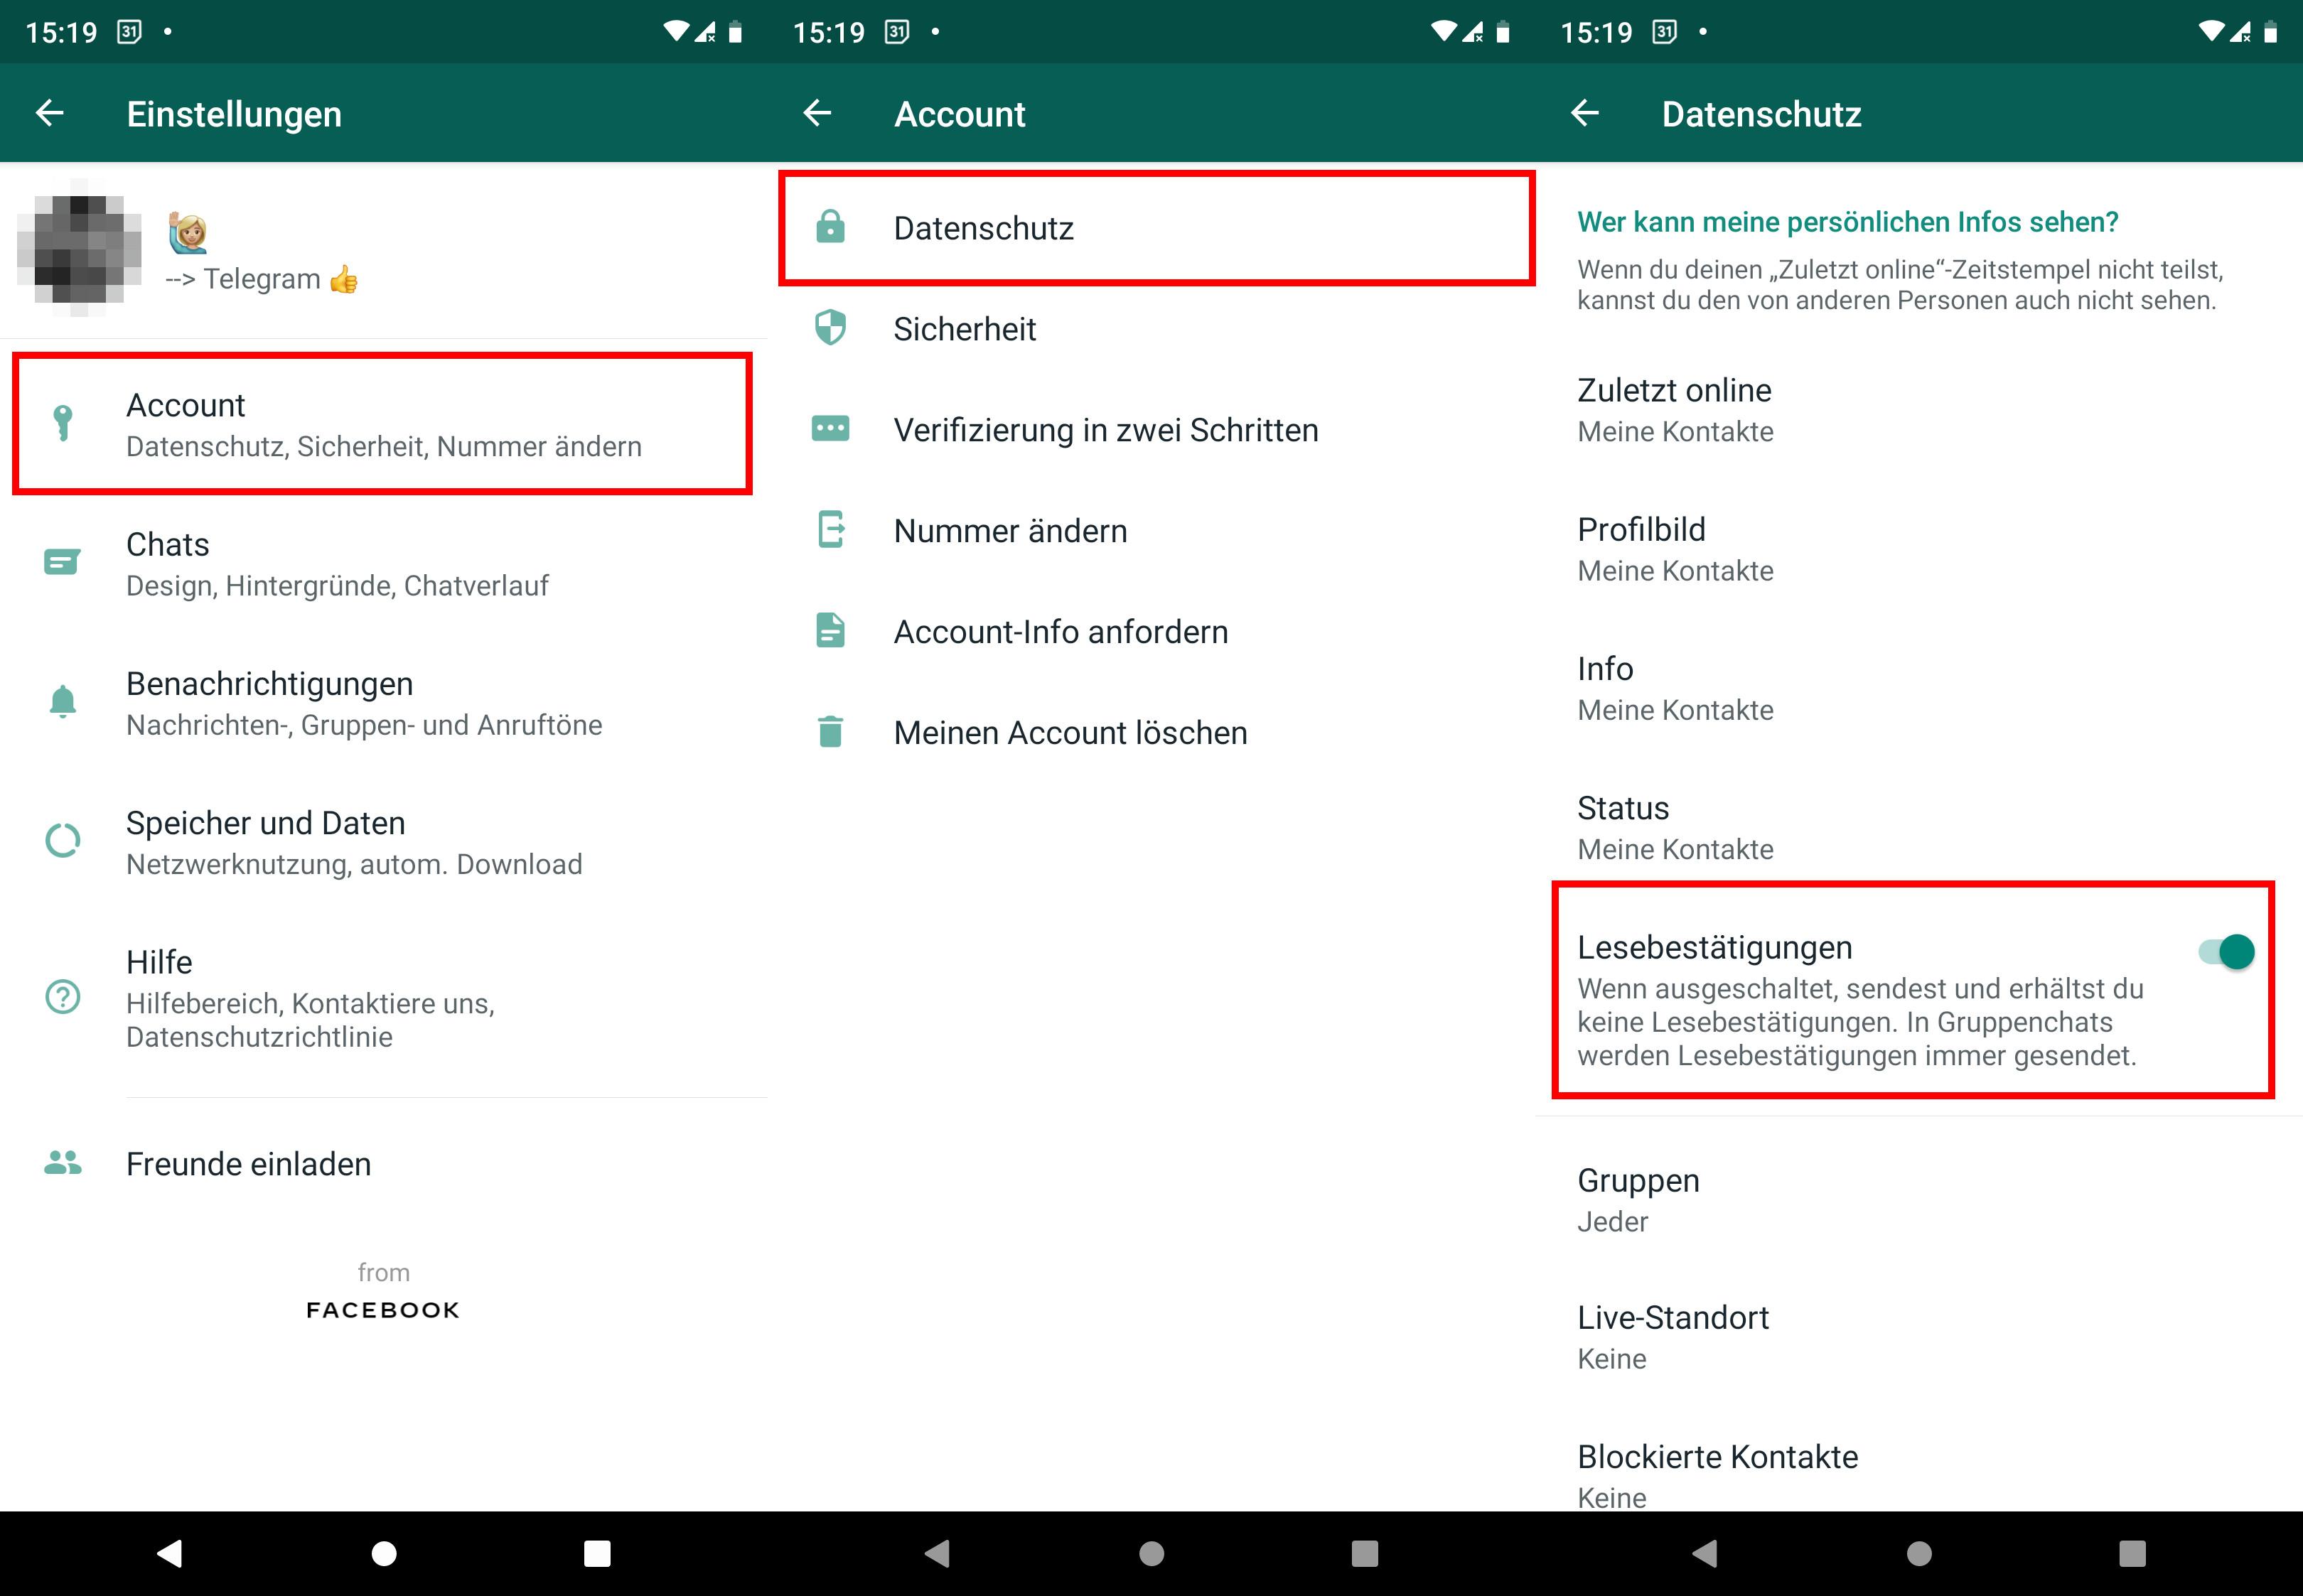 Whatsapp lesebestätigung nachträglich deaktivieren